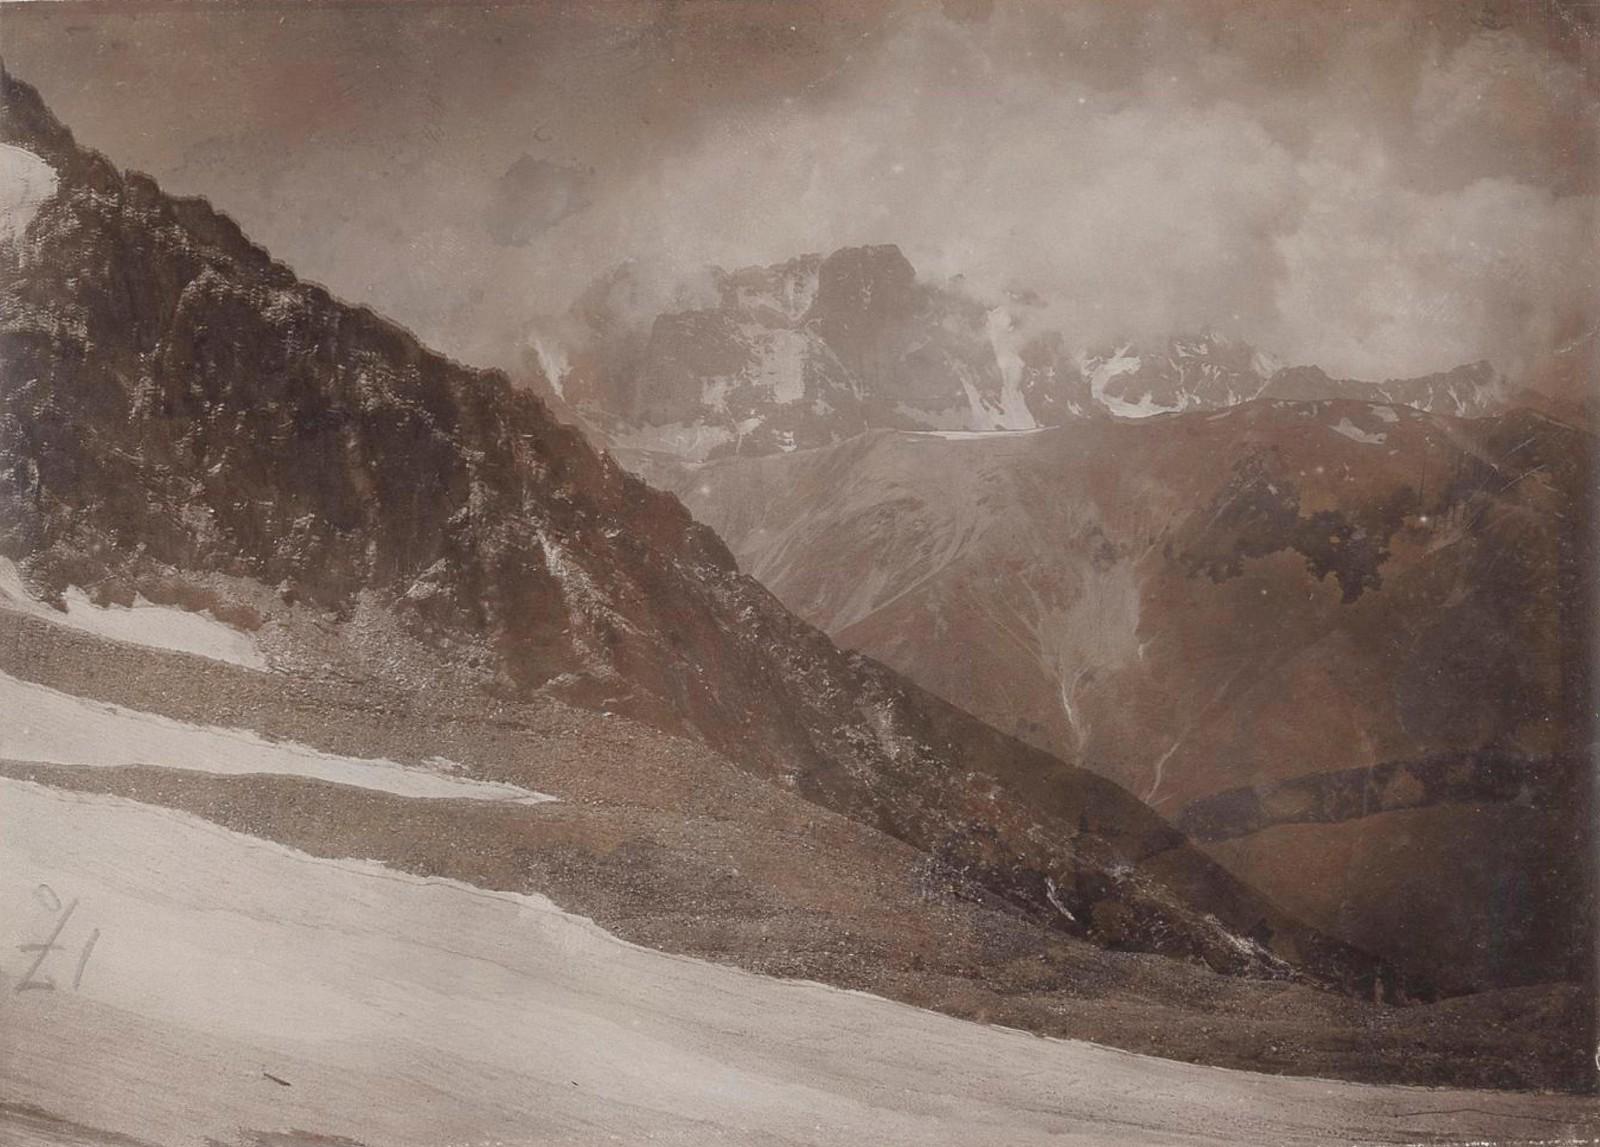 28. Восточный Кавказ. Хевсурские Альпы. Горный массив Чаухи с перевала Инквари-геле (3400 м). Август